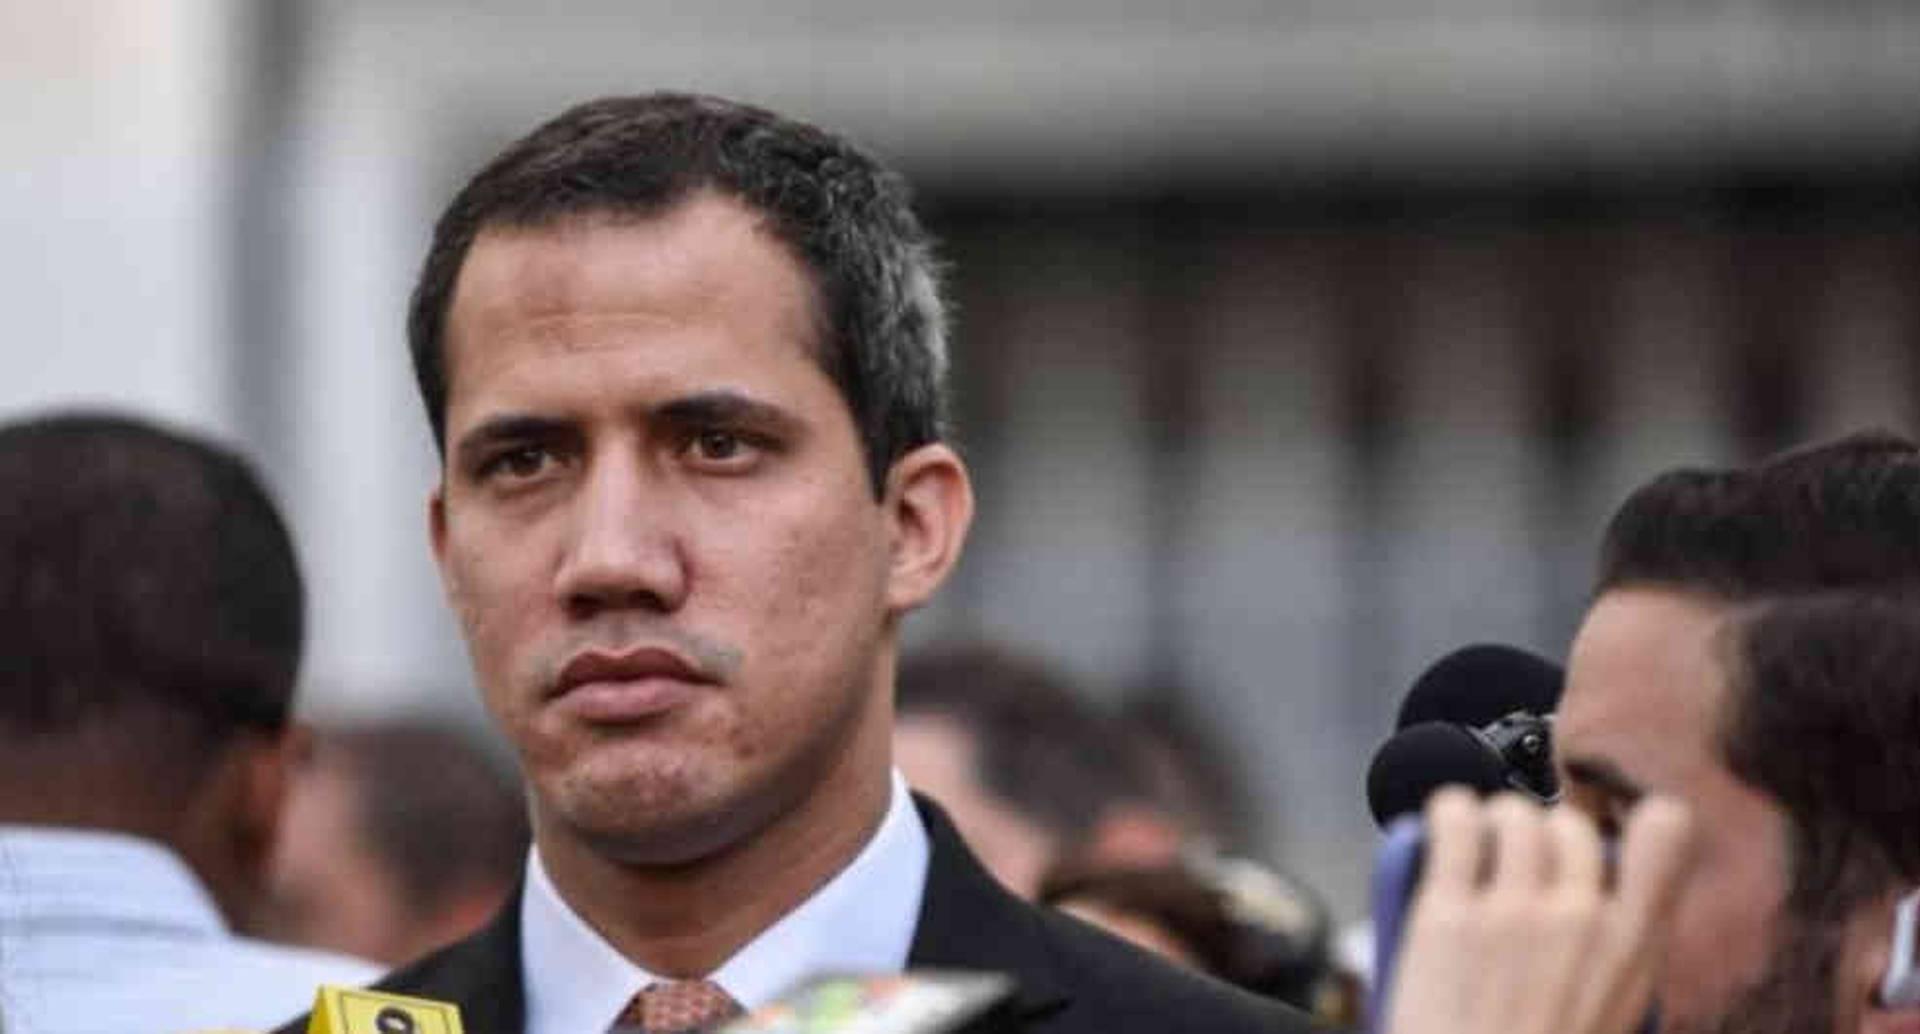 Su tío es una persona muy querida para Guaidó, aseguran en su entorno.